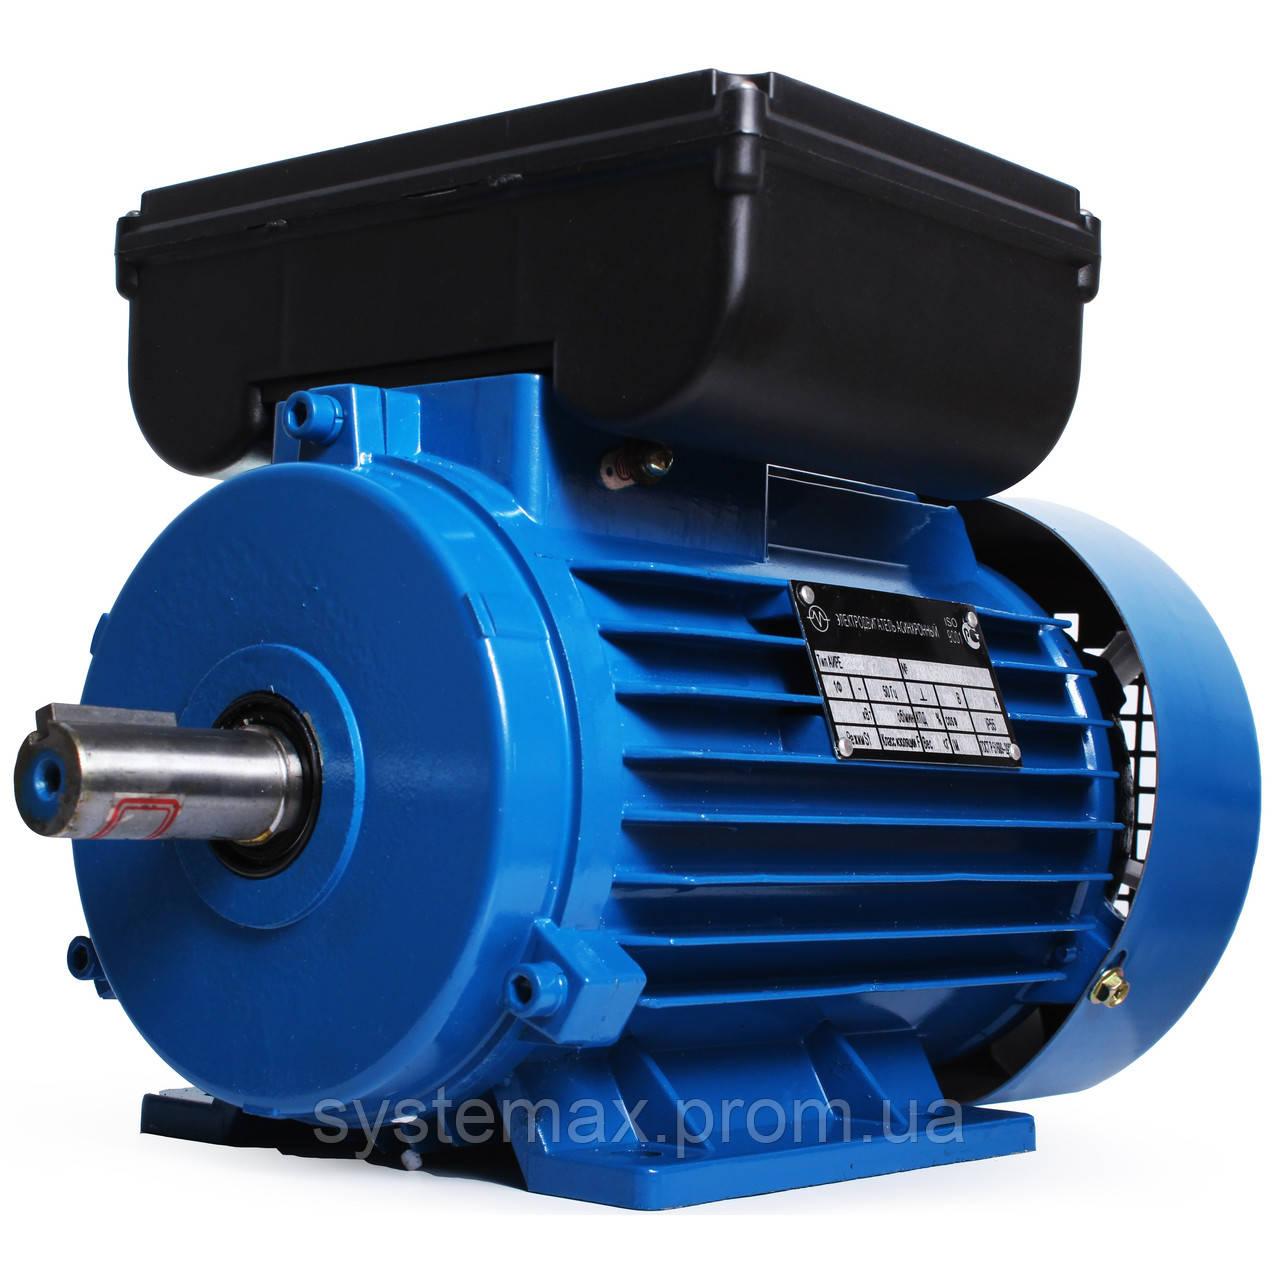 асинхронный двигатель купить Асинхронные двигатели купить в России или сравнить цены на...